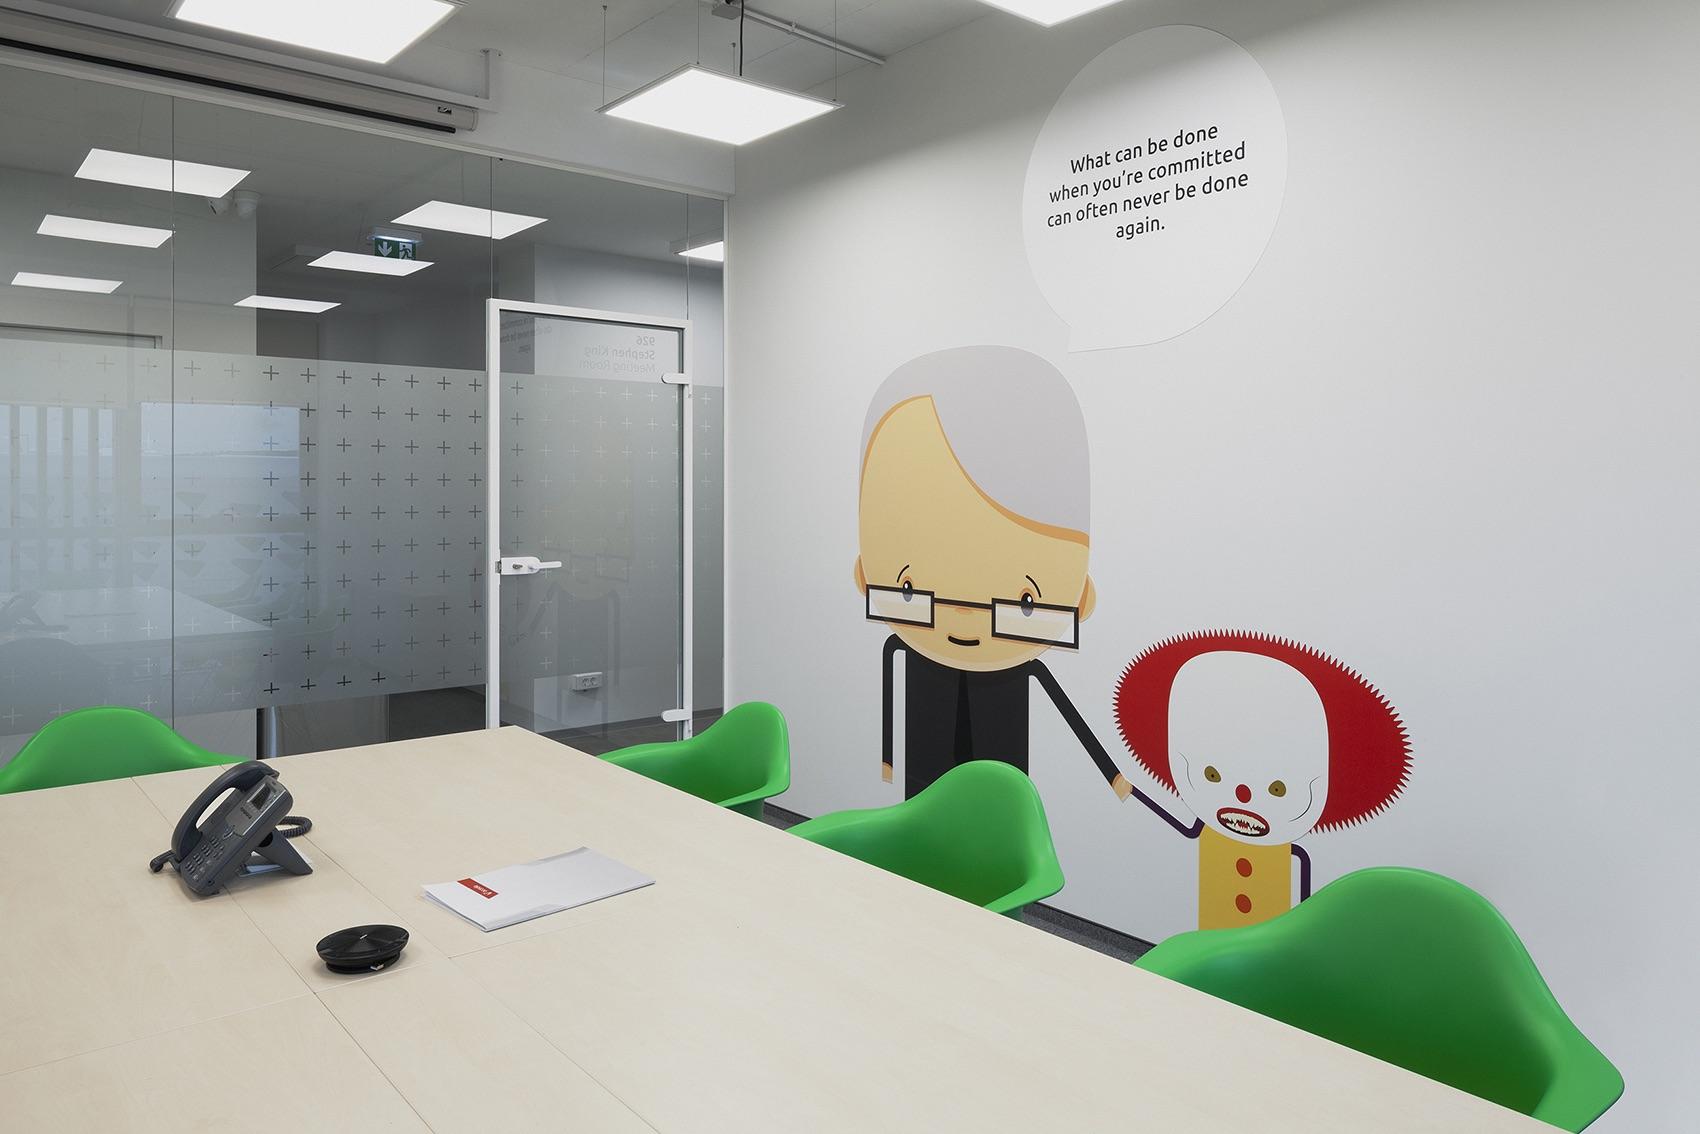 cache-atelier-interior-design-office-space-accedia-bulgaria-sofia_14